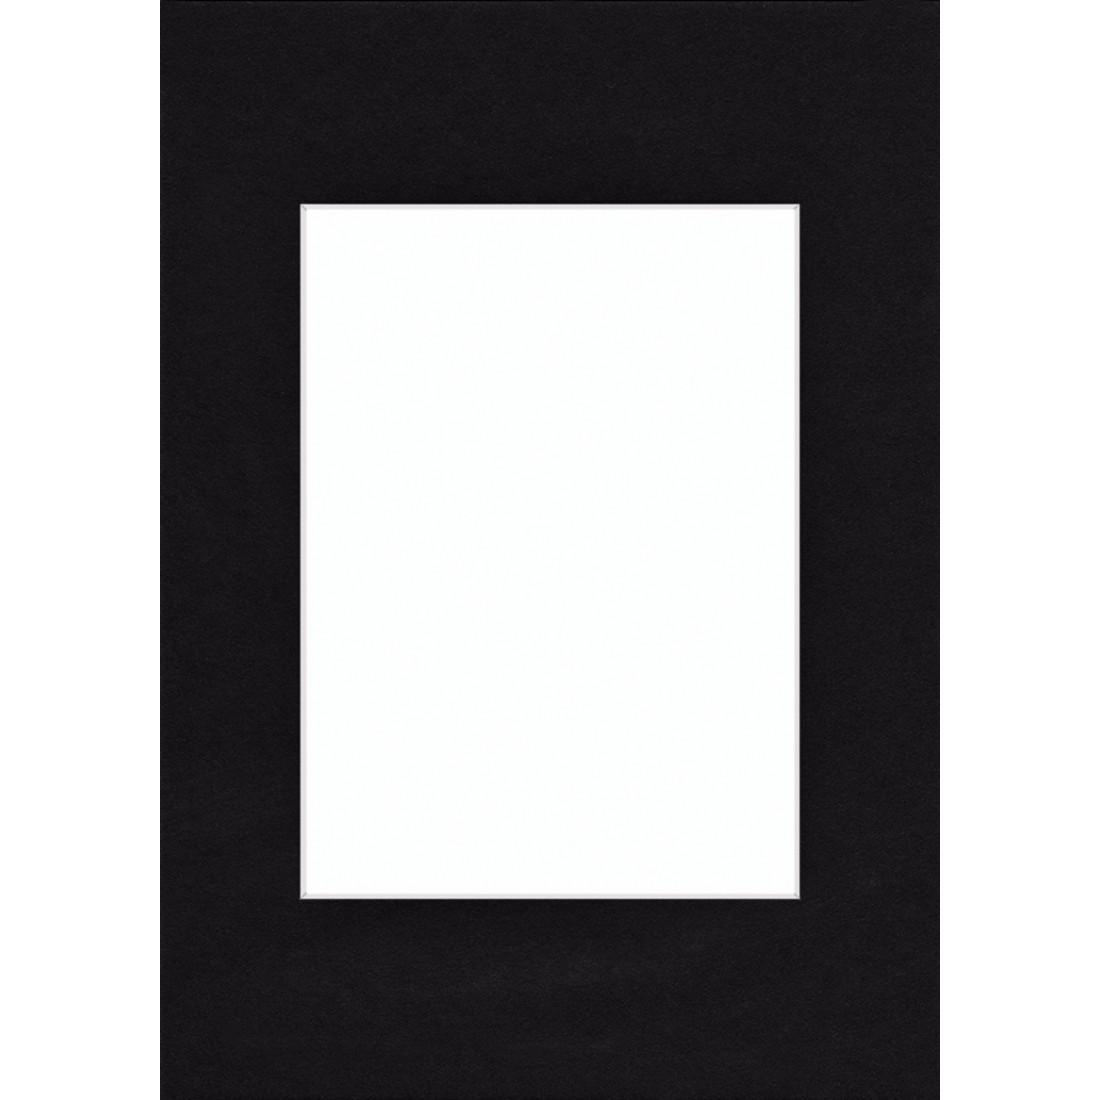 Schrägschnitt-Passepartout schneeweiß 40x50 cm